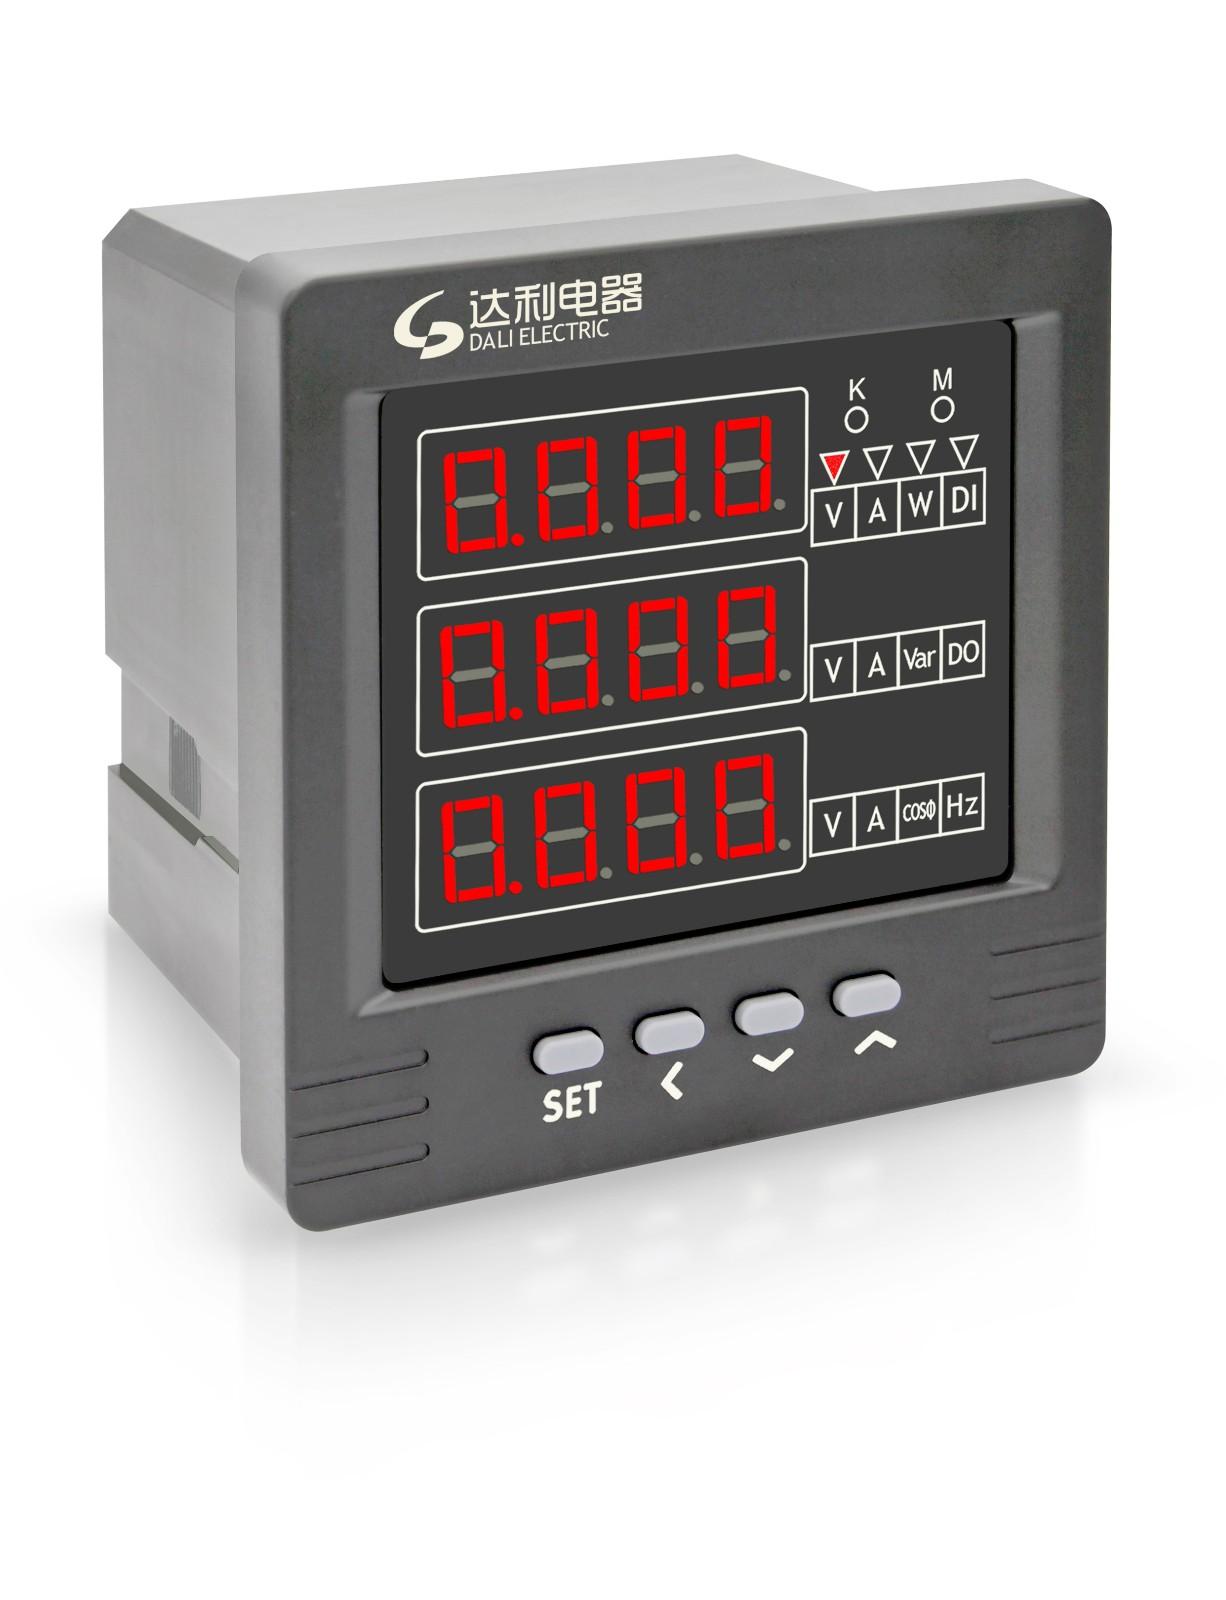 潮州市三相数显电压表HCD-194U-9X4畅销全国